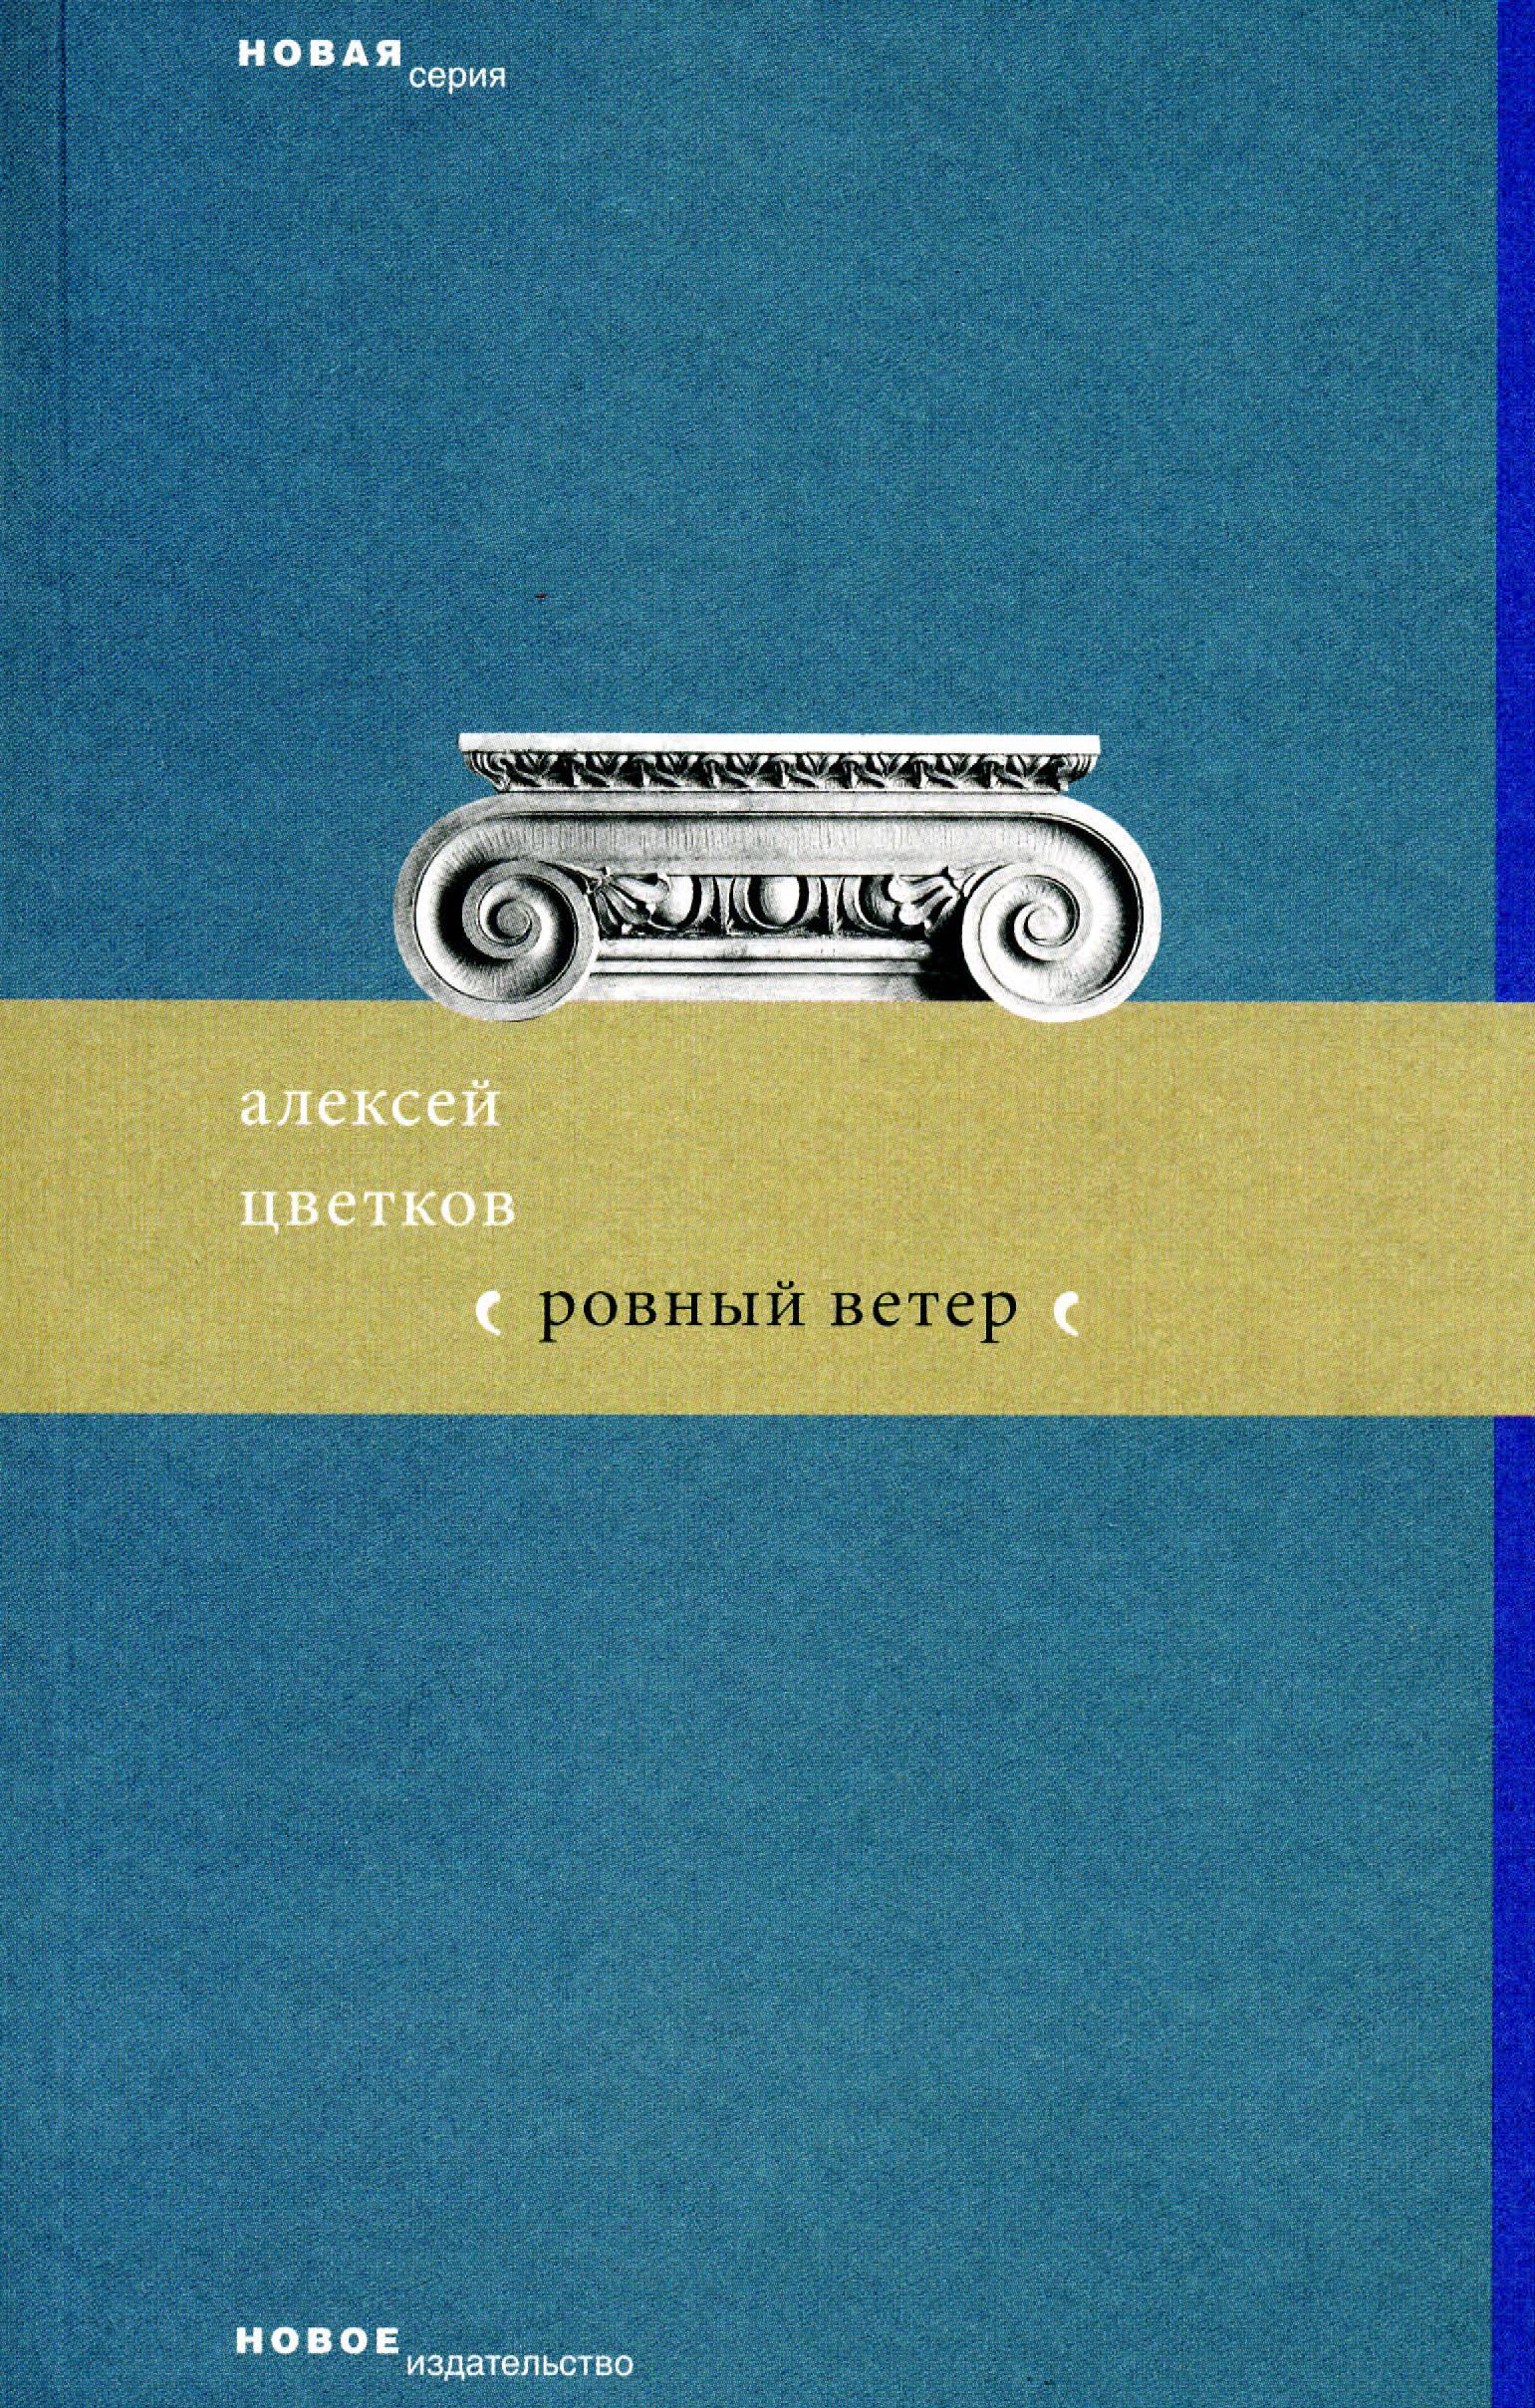 Алексей Цветков Ровный ветер (сборник) алексей цветков сказка на ночь сборник